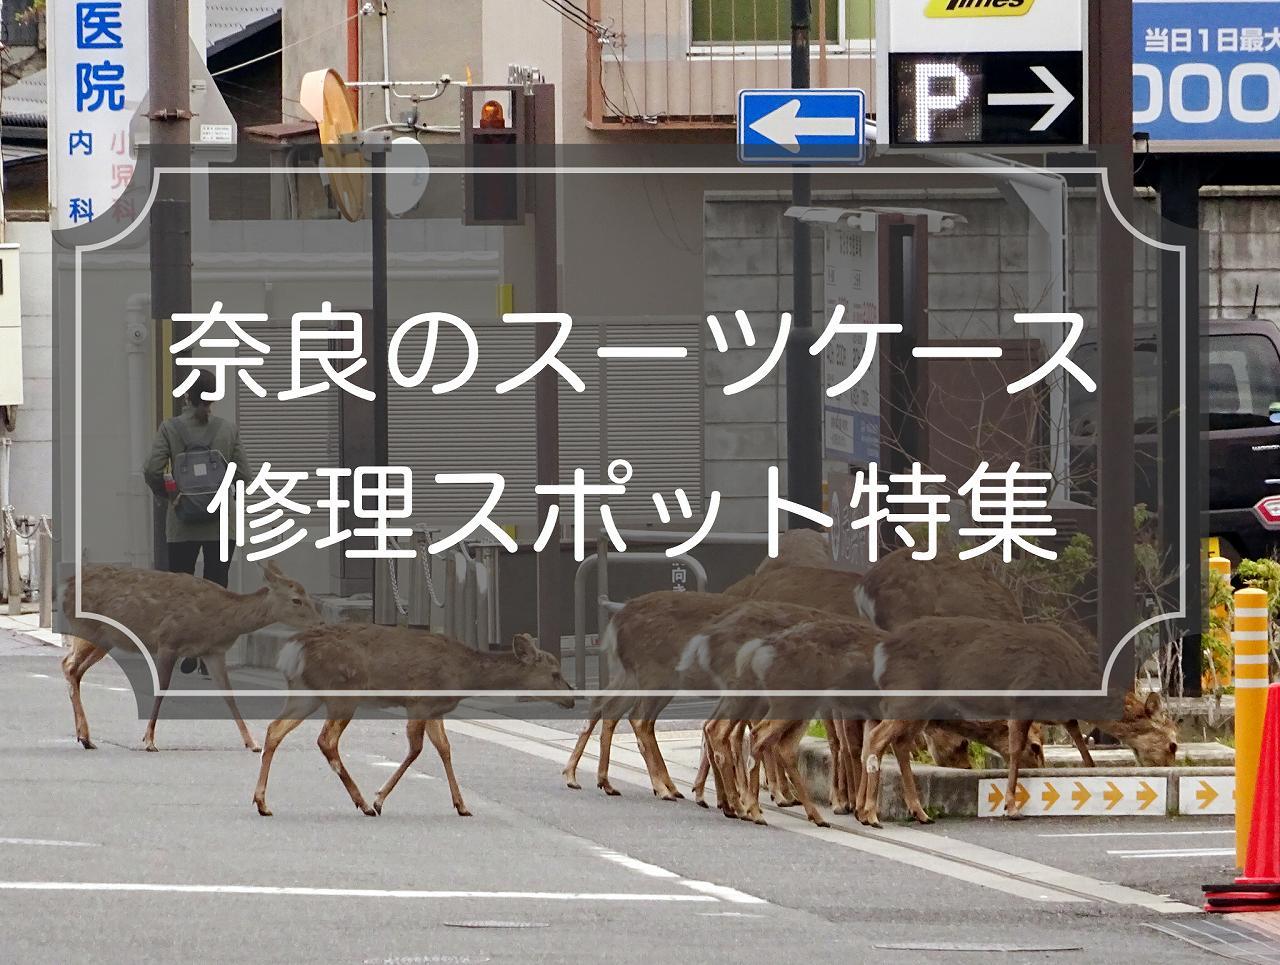 奈良のスーツケース修理スポット